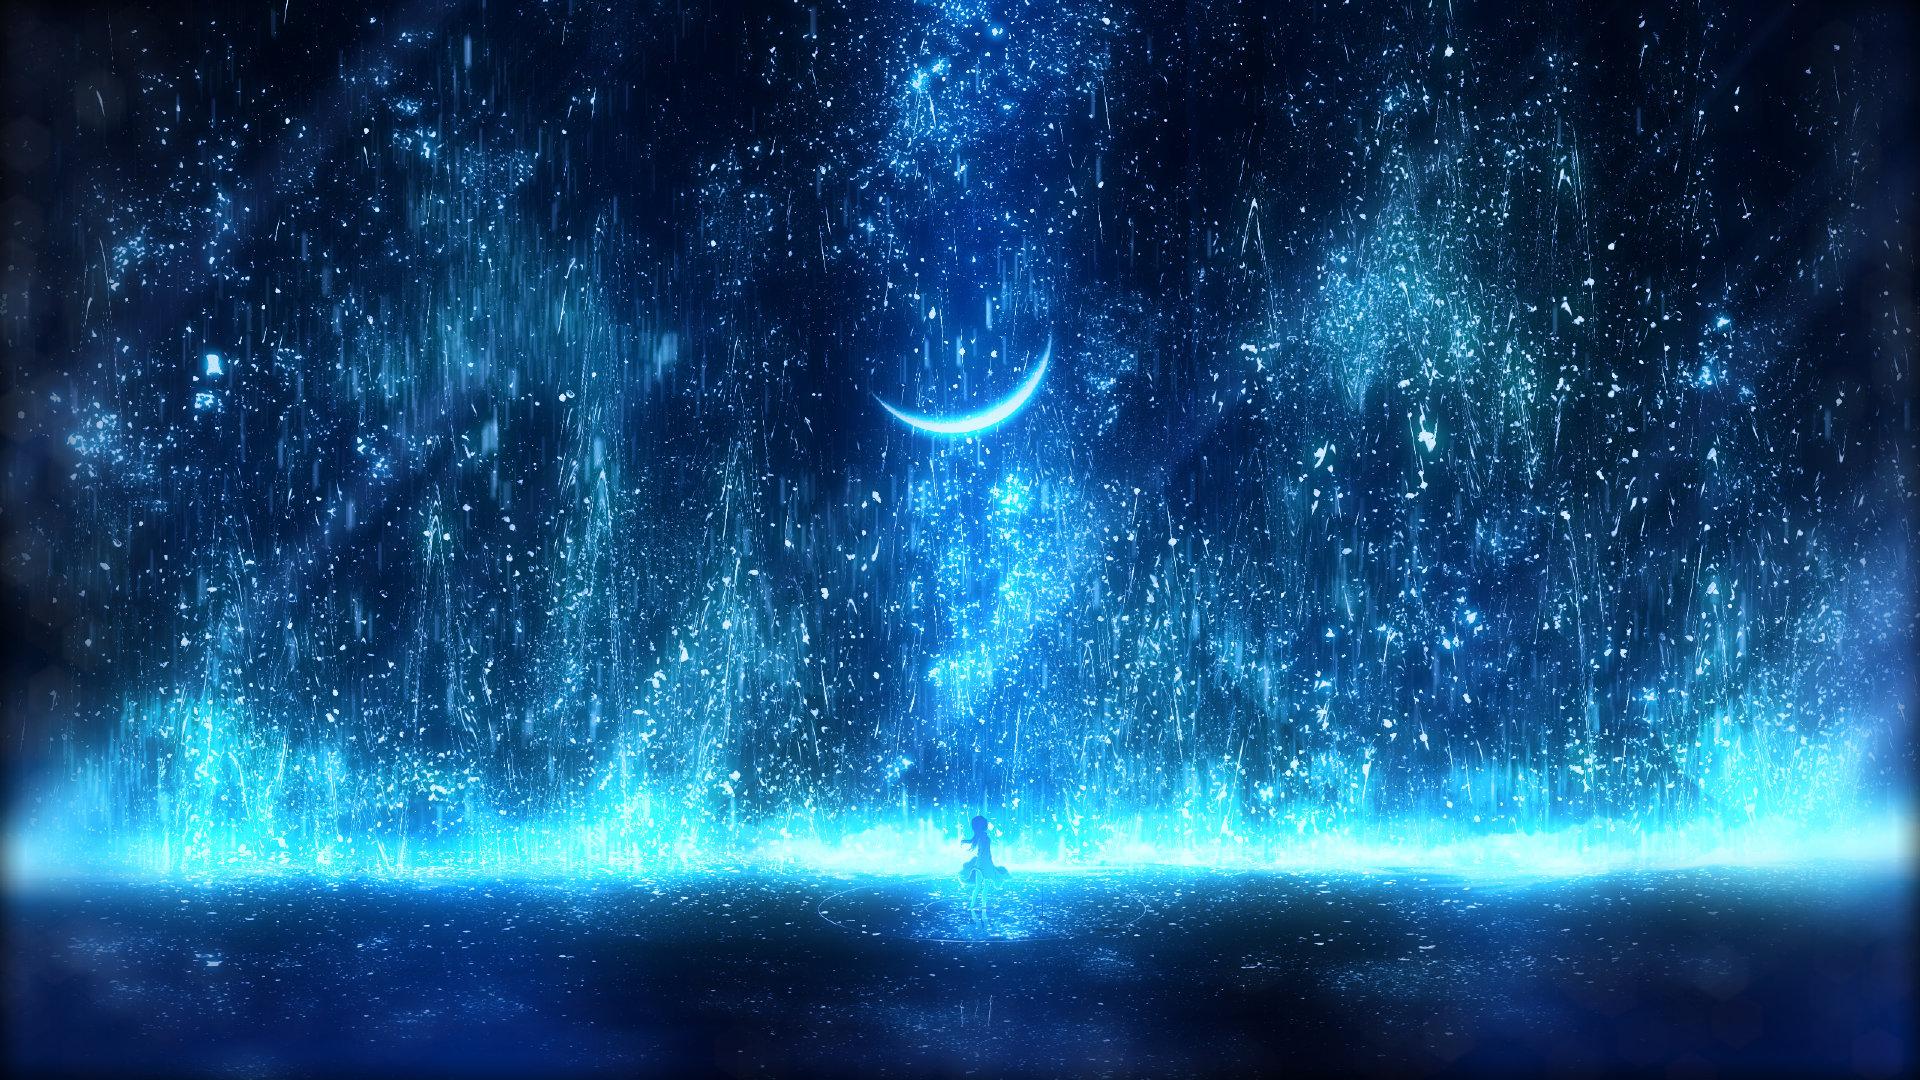 [美图推荐]夜空 星空 想念你的每个夜晚 电脑手机壁纸 手机壁纸-第4张